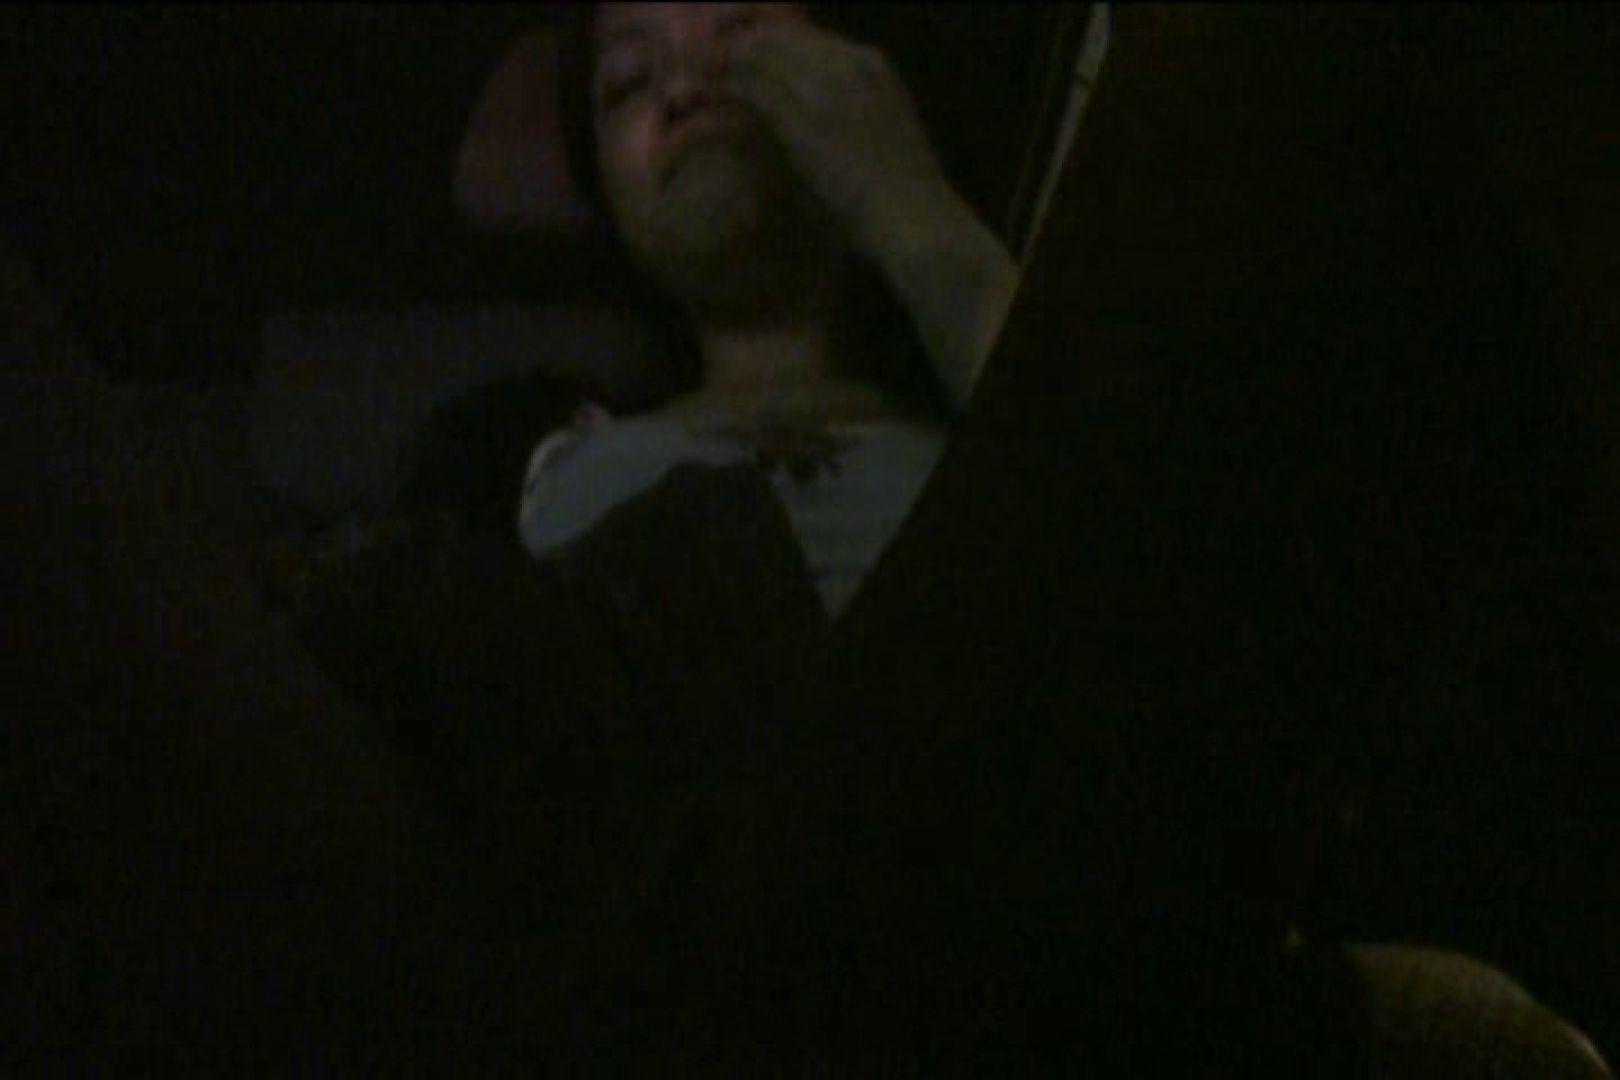 車内で初めまして! vol01 投稿 | ハプニング映像  102PIX 19